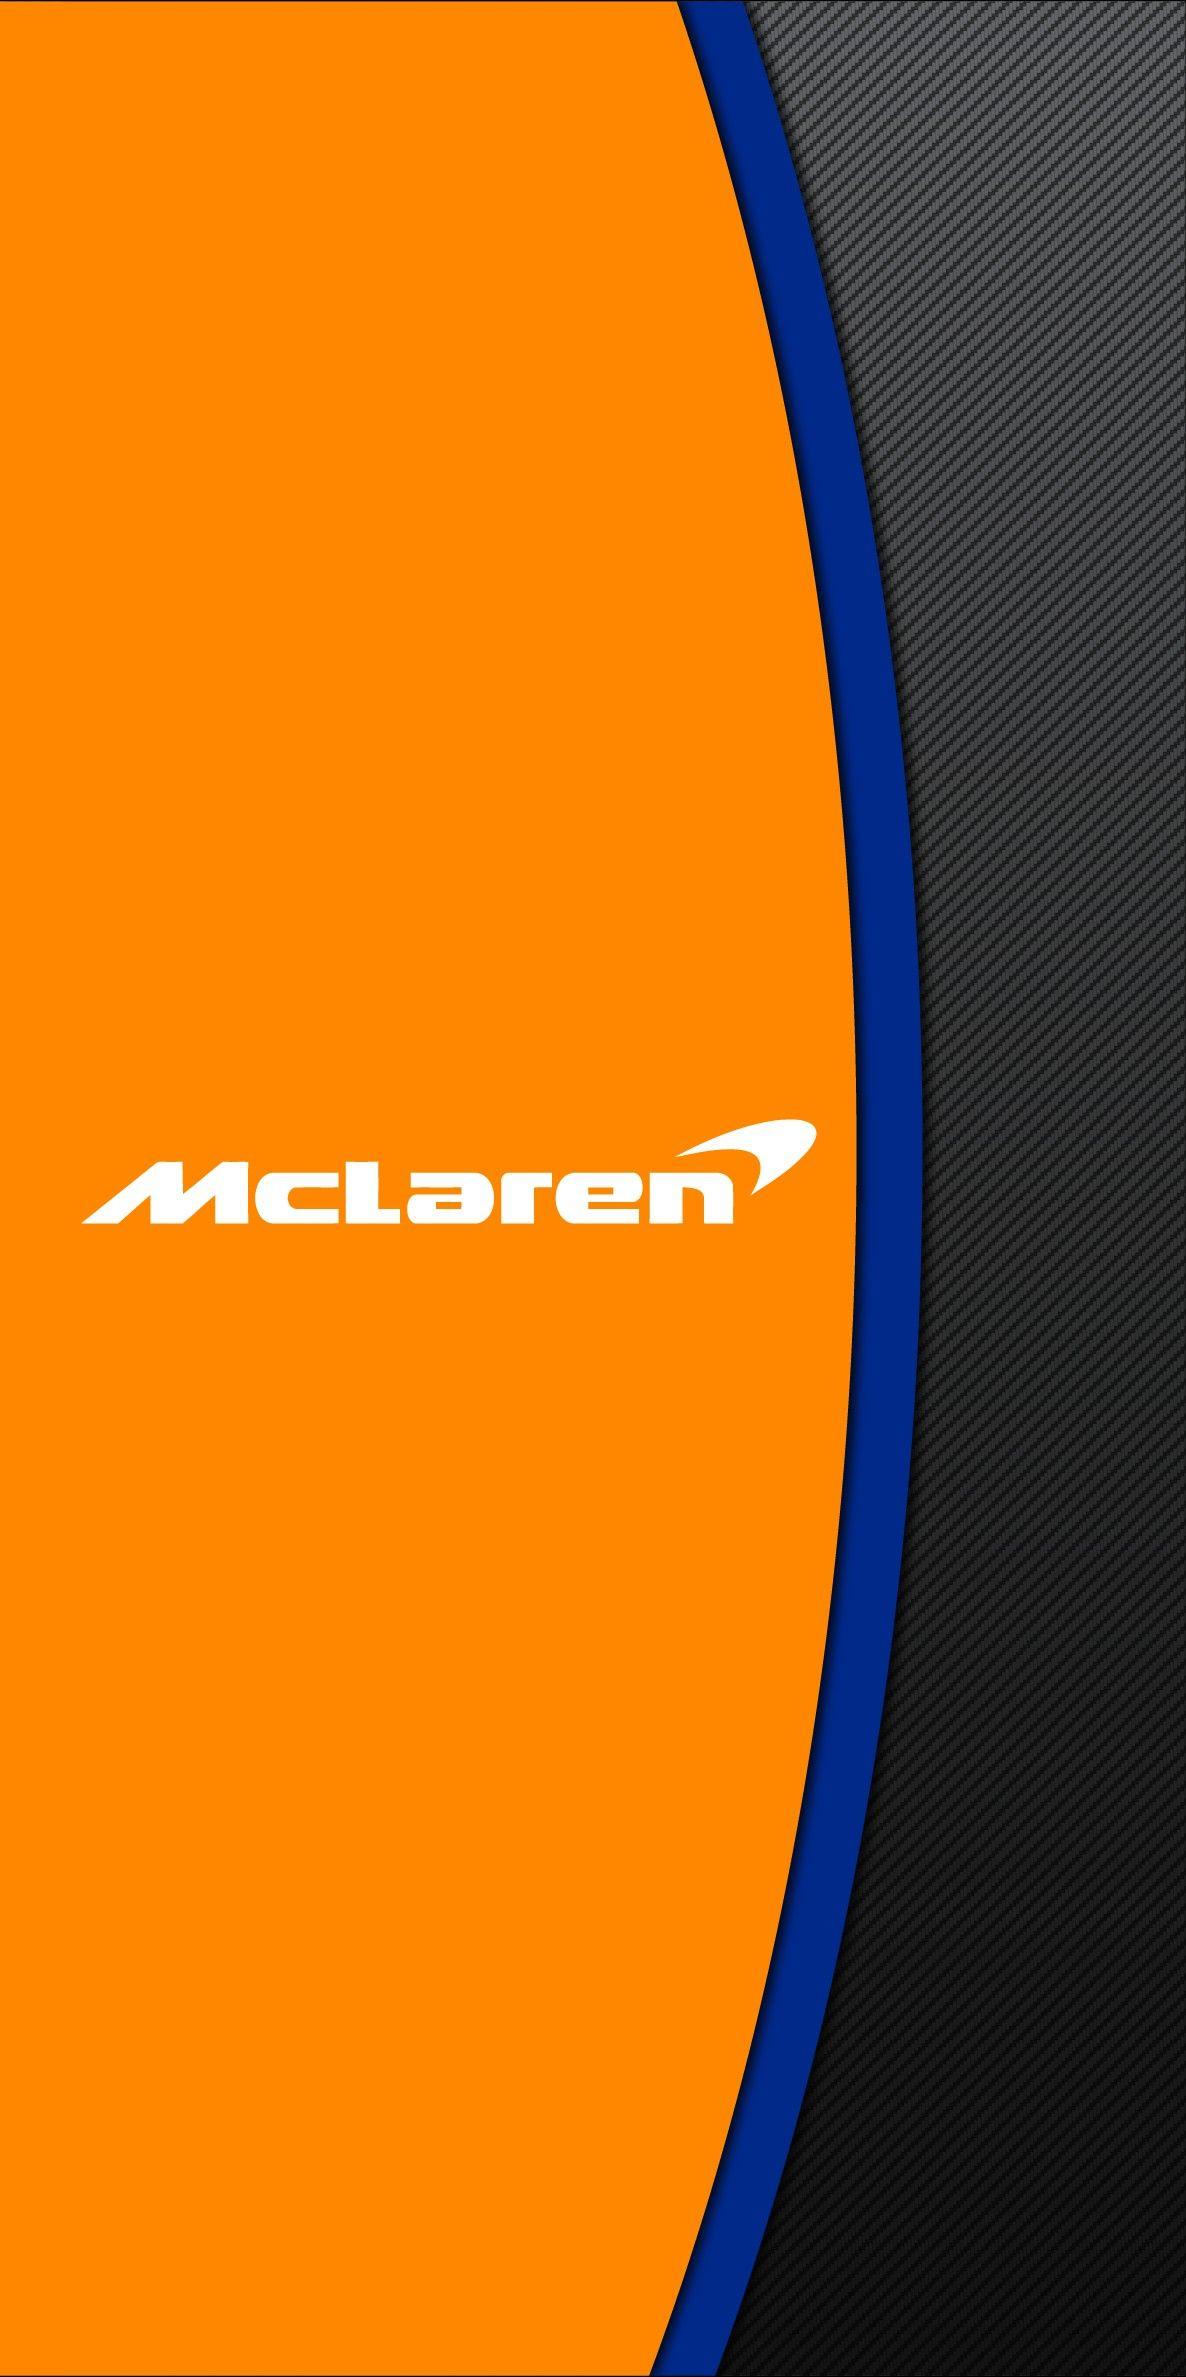 mclaren mclarenf1 f1 formula1 fernandoalonso fa14